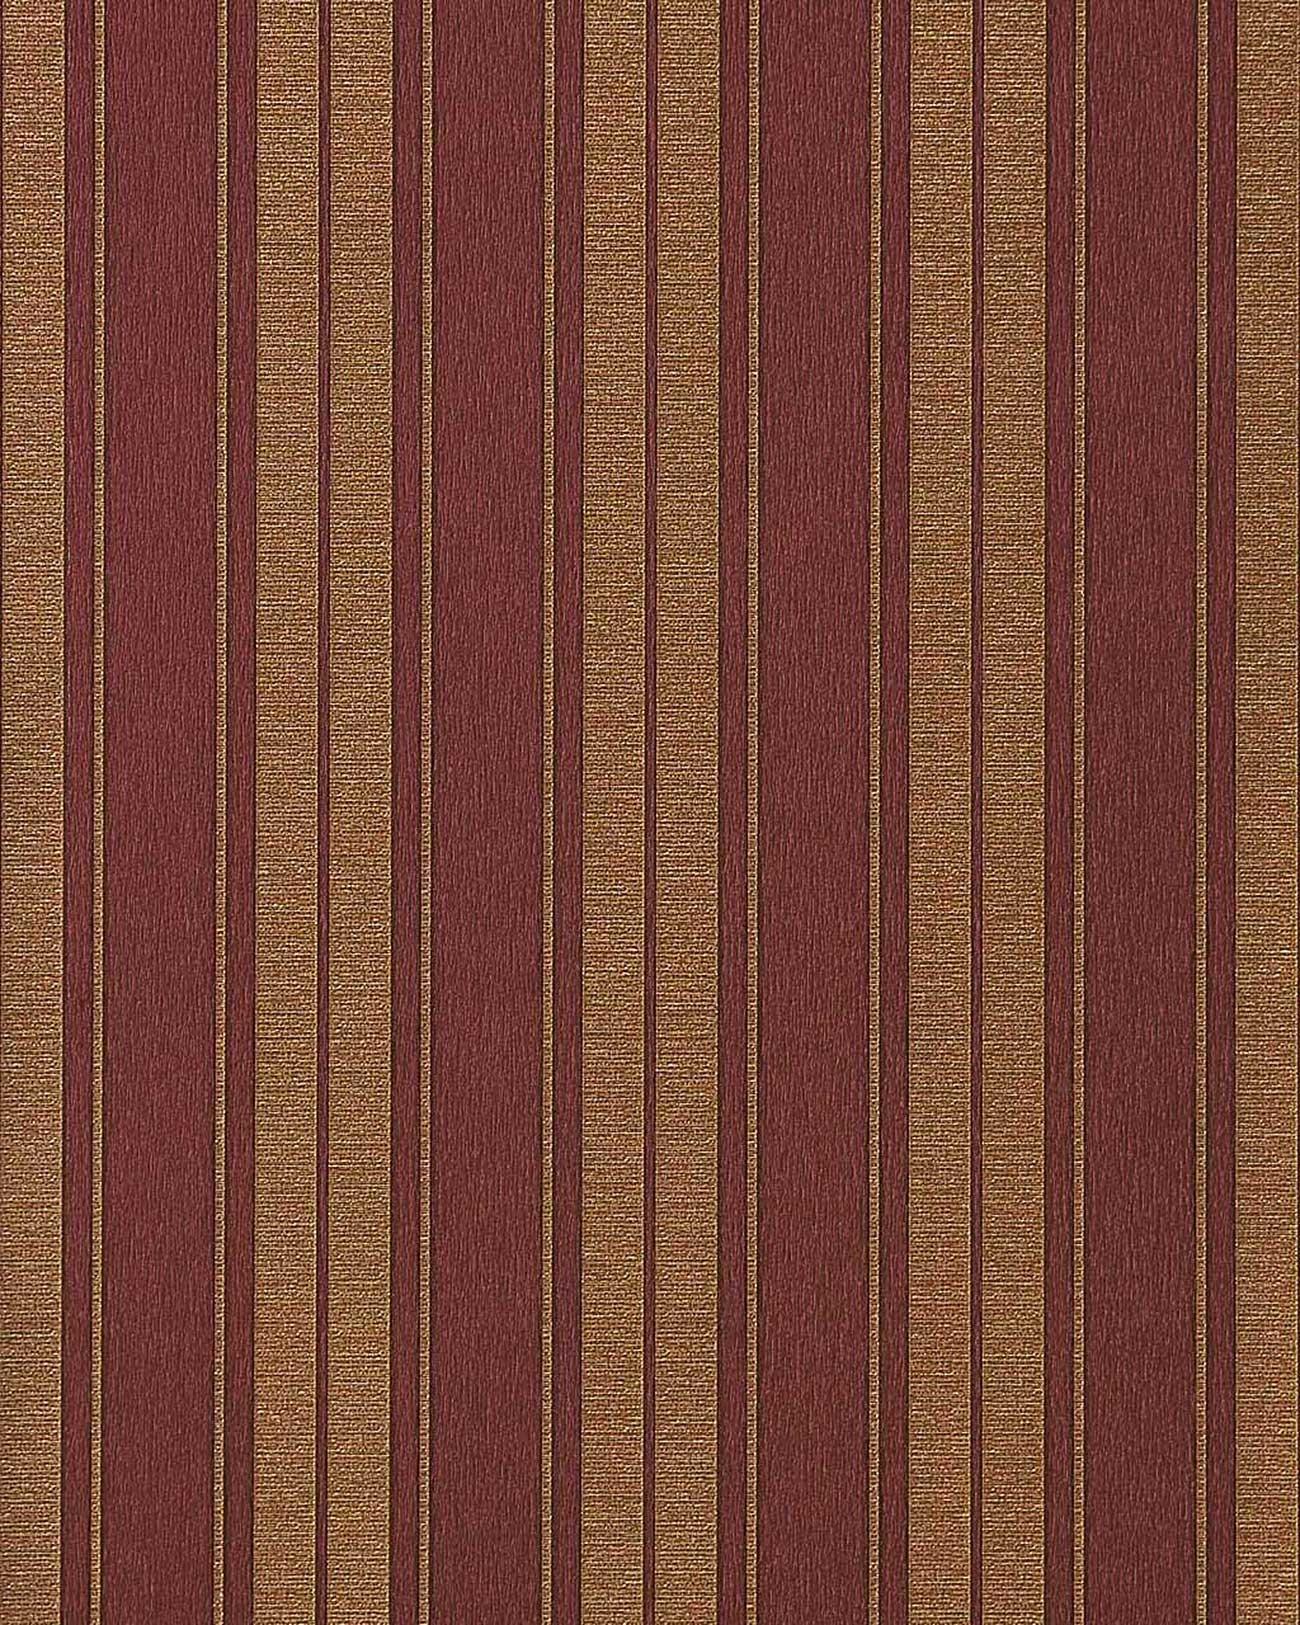 streifen tapete edem 709 36 hochwertige barock pr ge tapete wein rot gold platin kaufen bei e. Black Bedroom Furniture Sets. Home Design Ideas